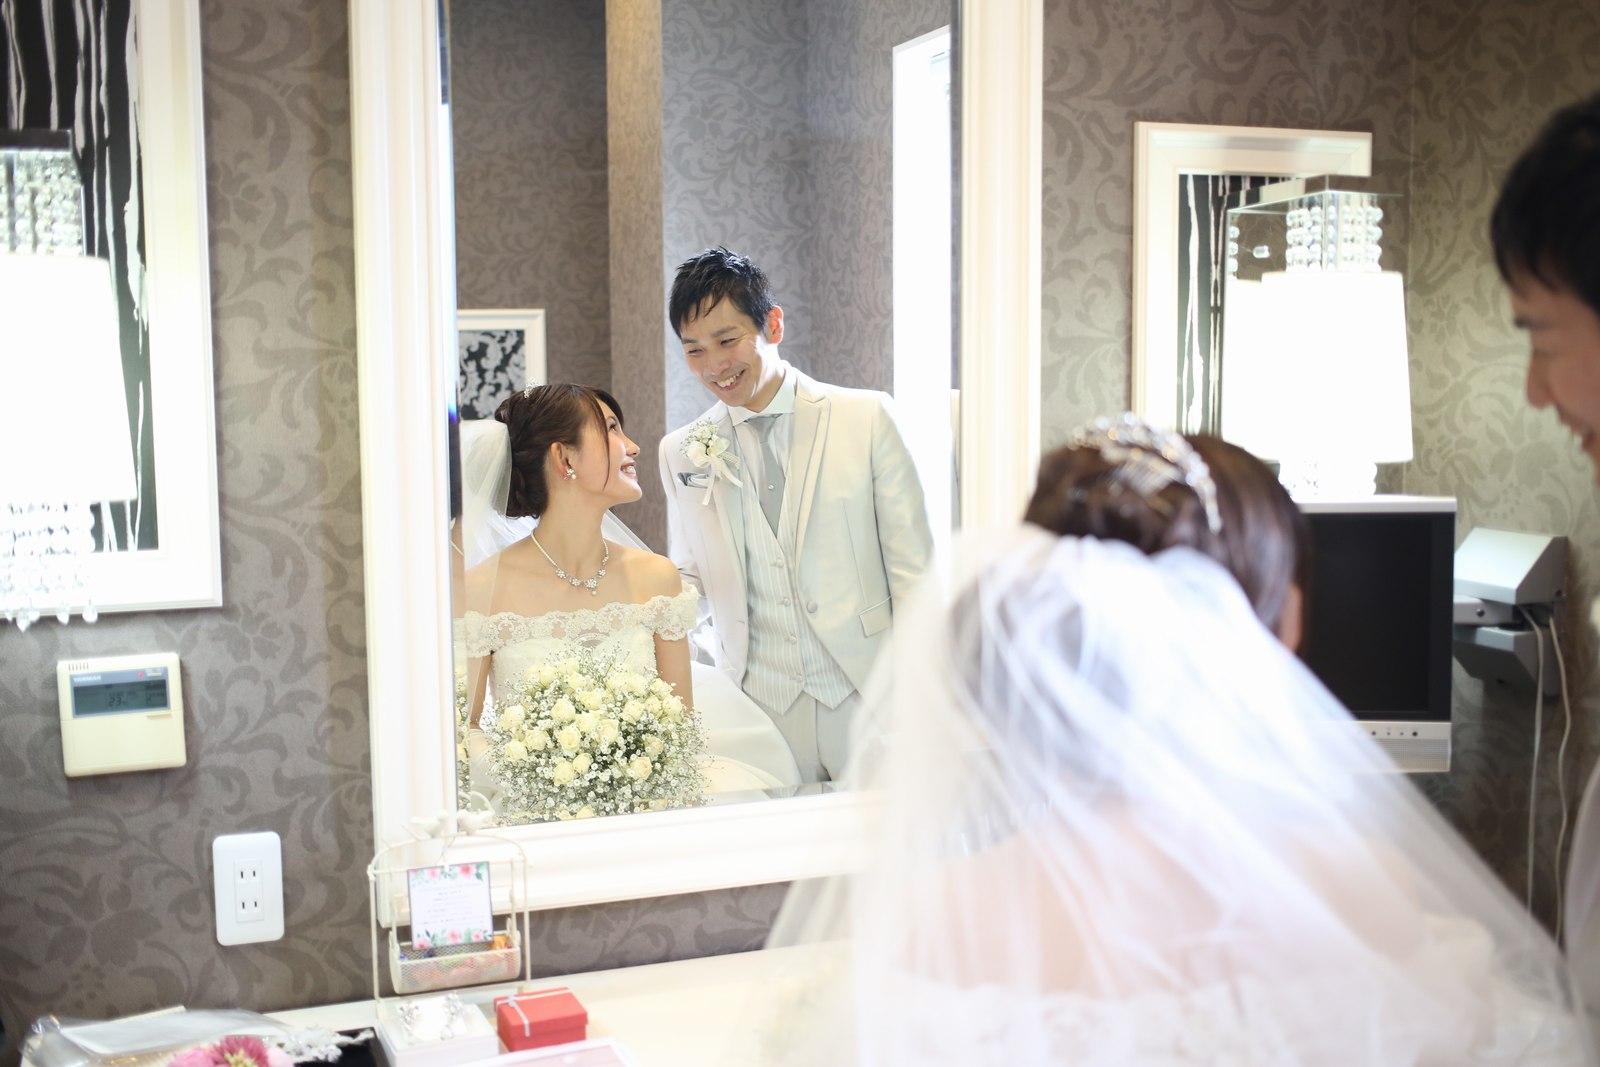 徳島市の結婚式場ブランアンジュで控室で仲良く話す新郎新婦